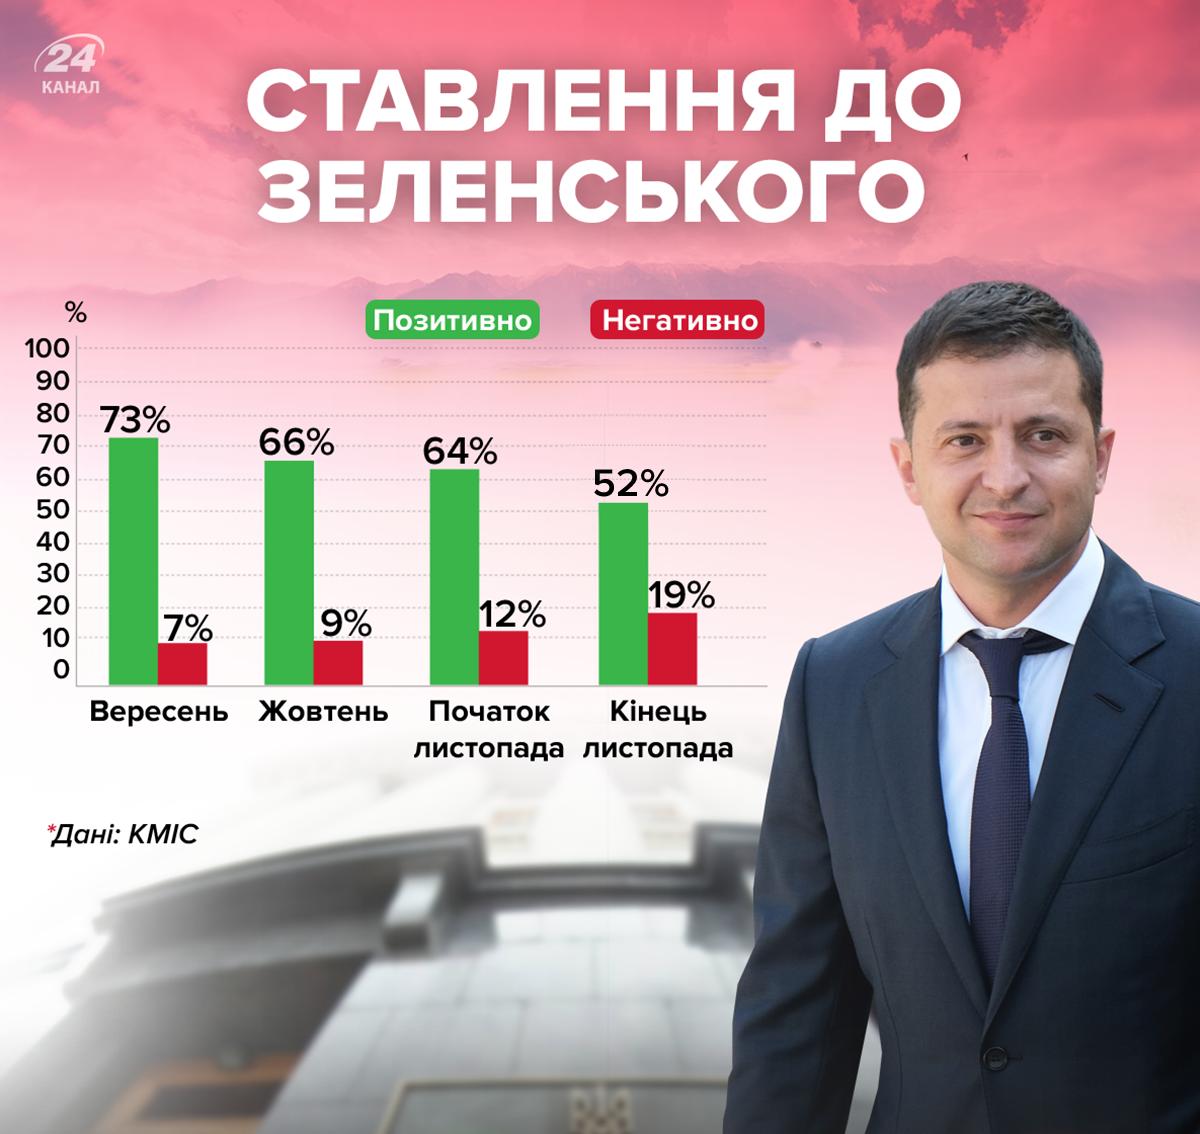 рейтинг Зеленського в Україні статистика ставлення до Зеленського українців